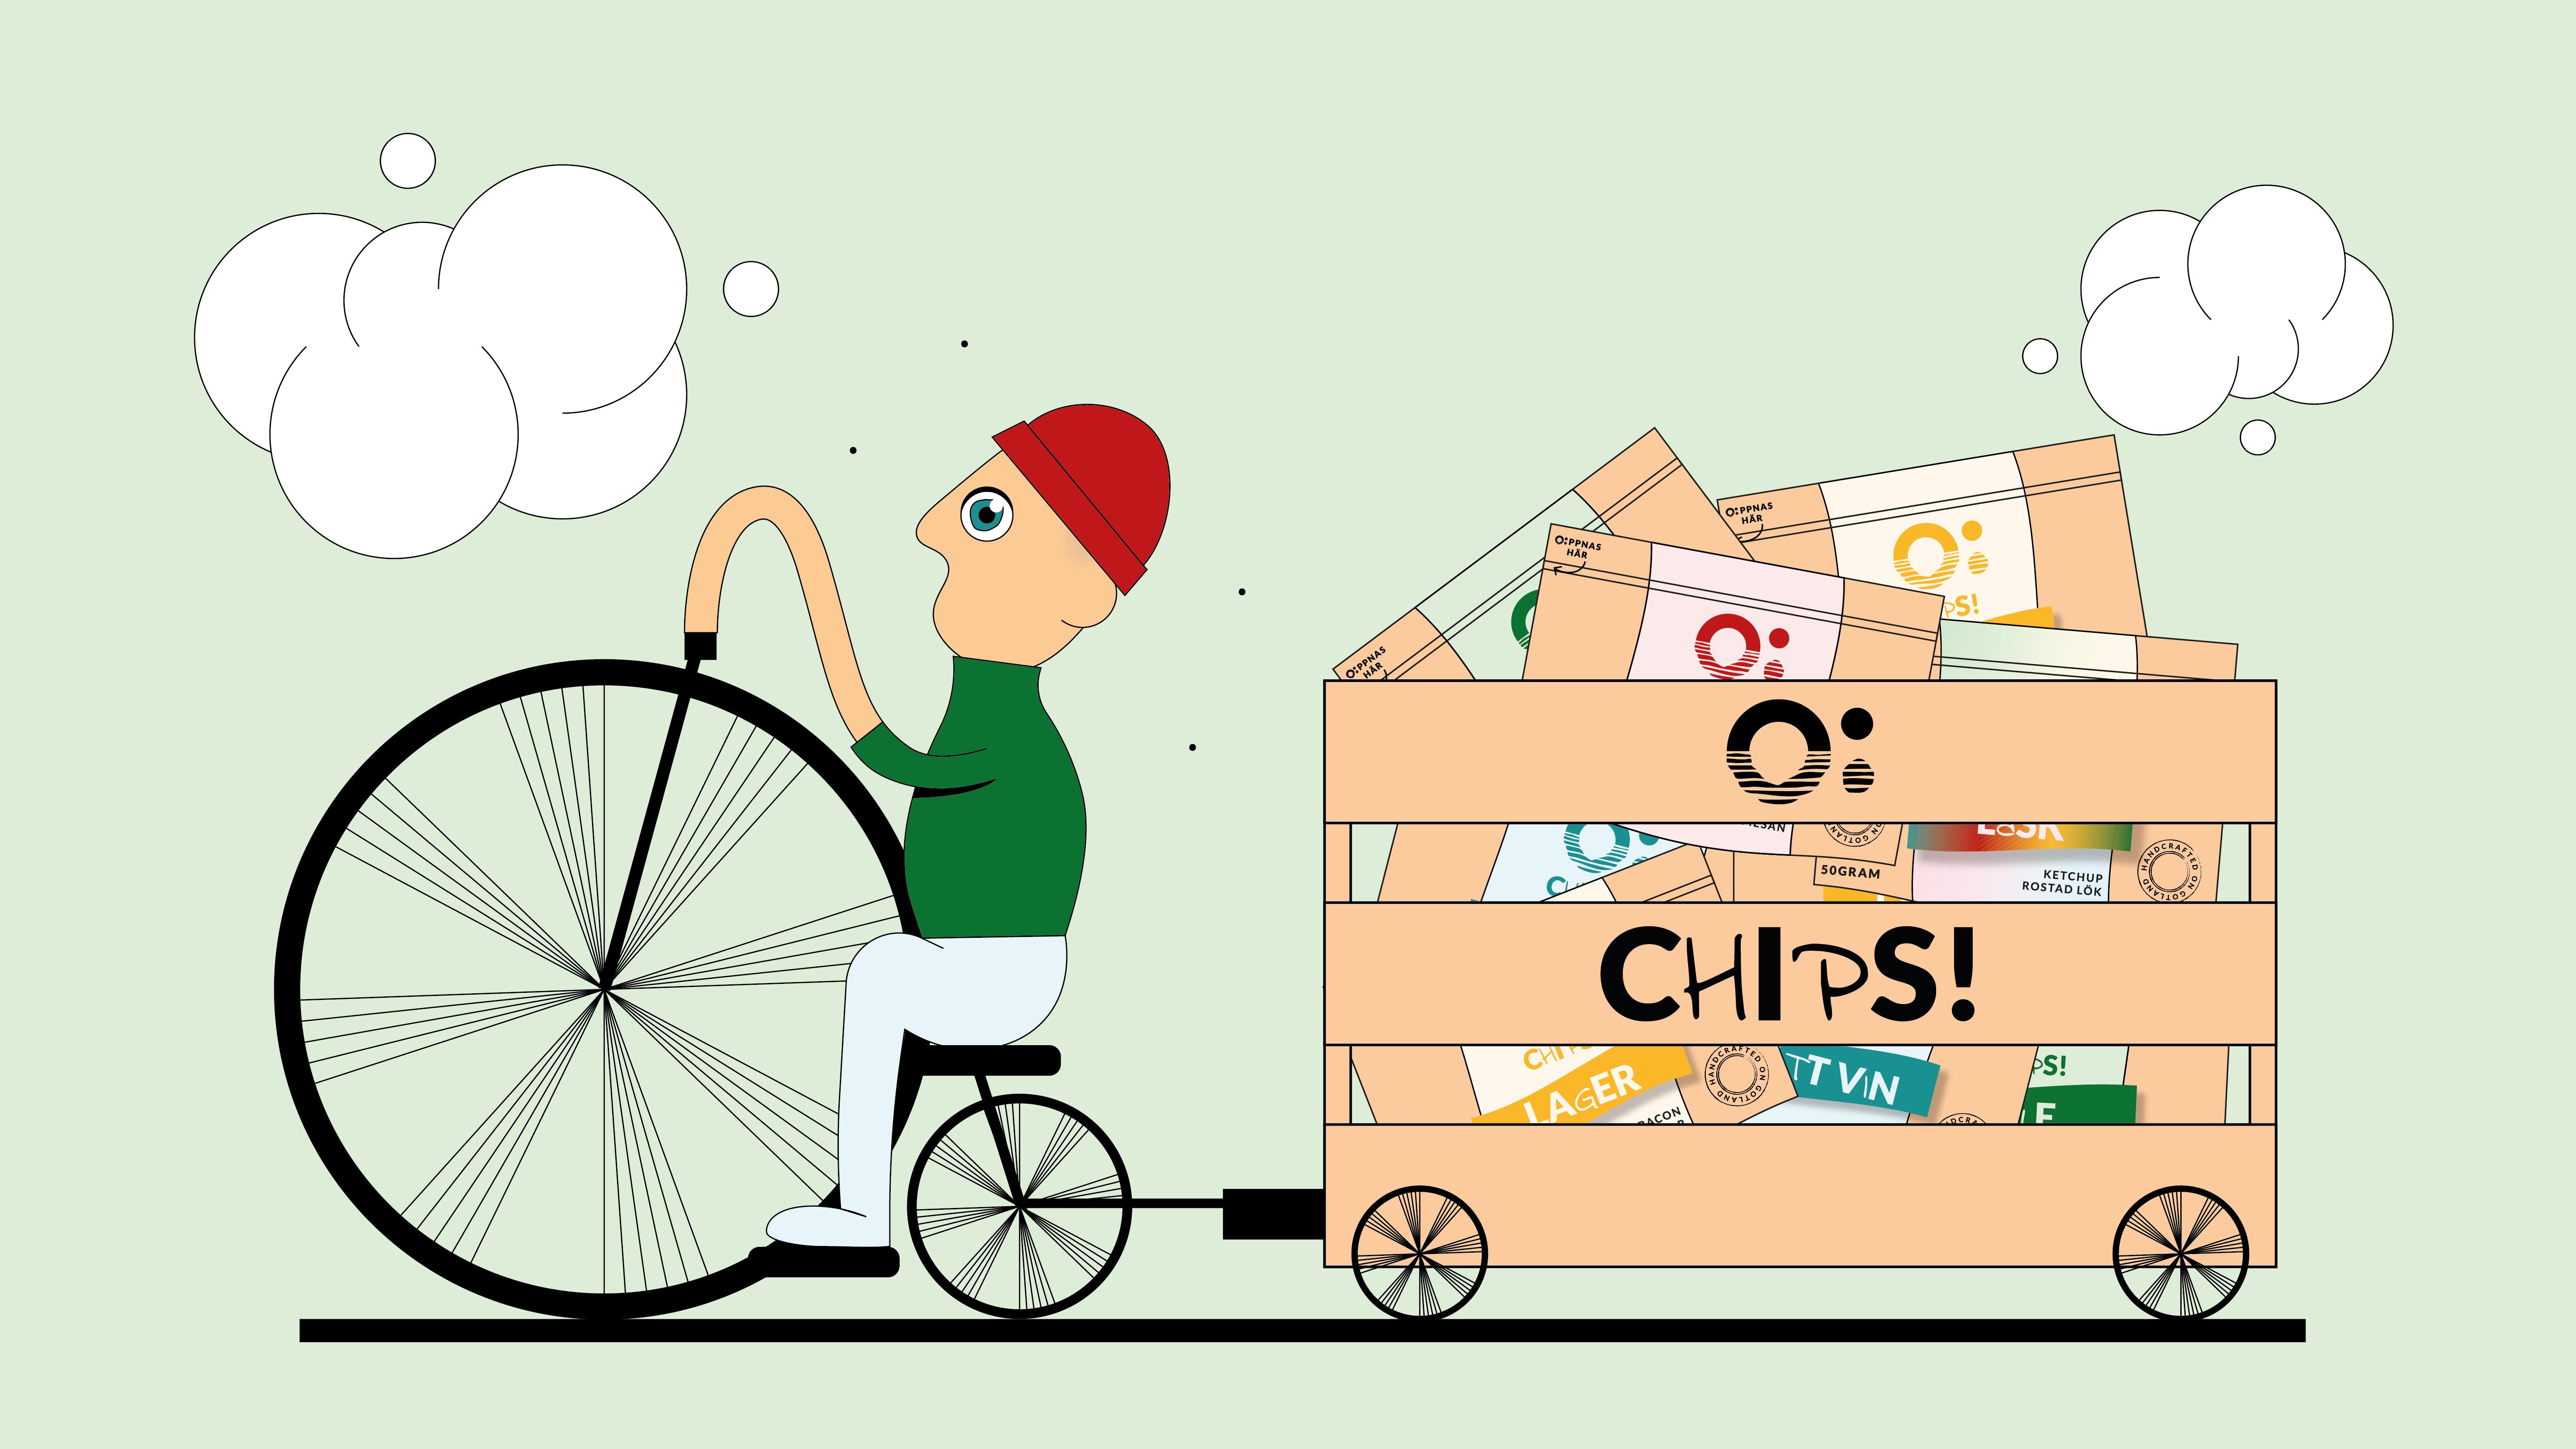 ochips-cycle@3x